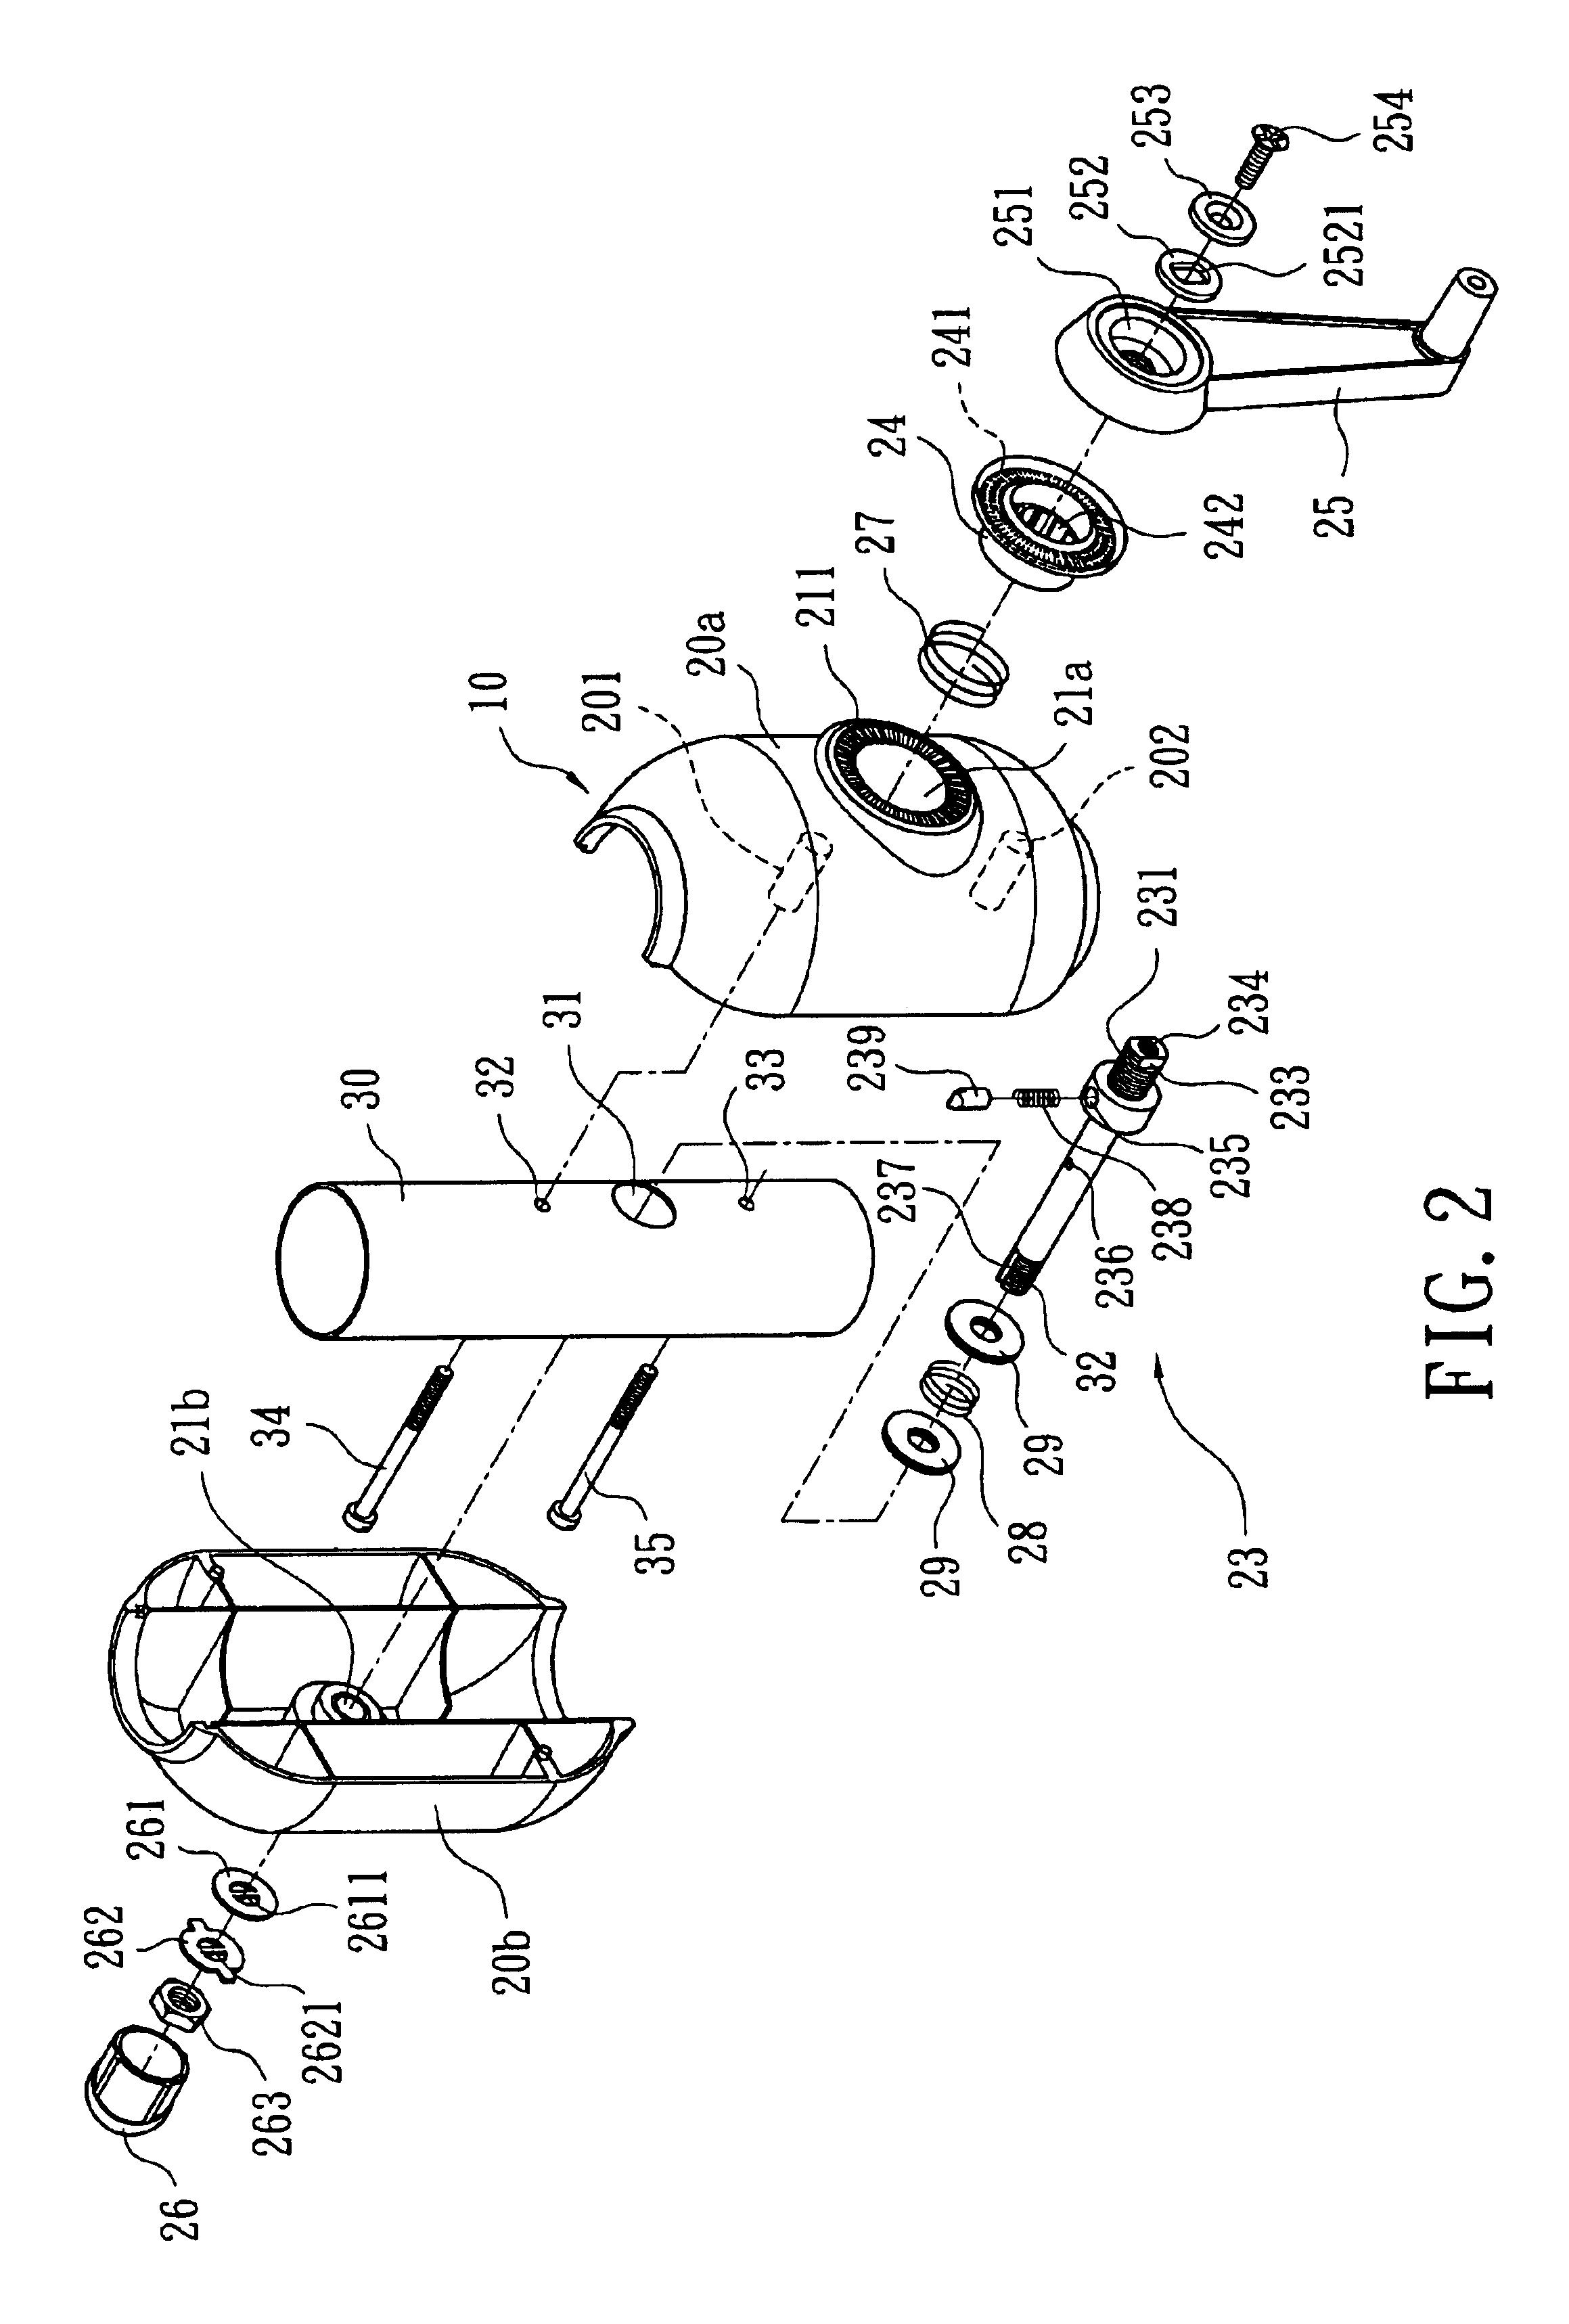 patent us6722381